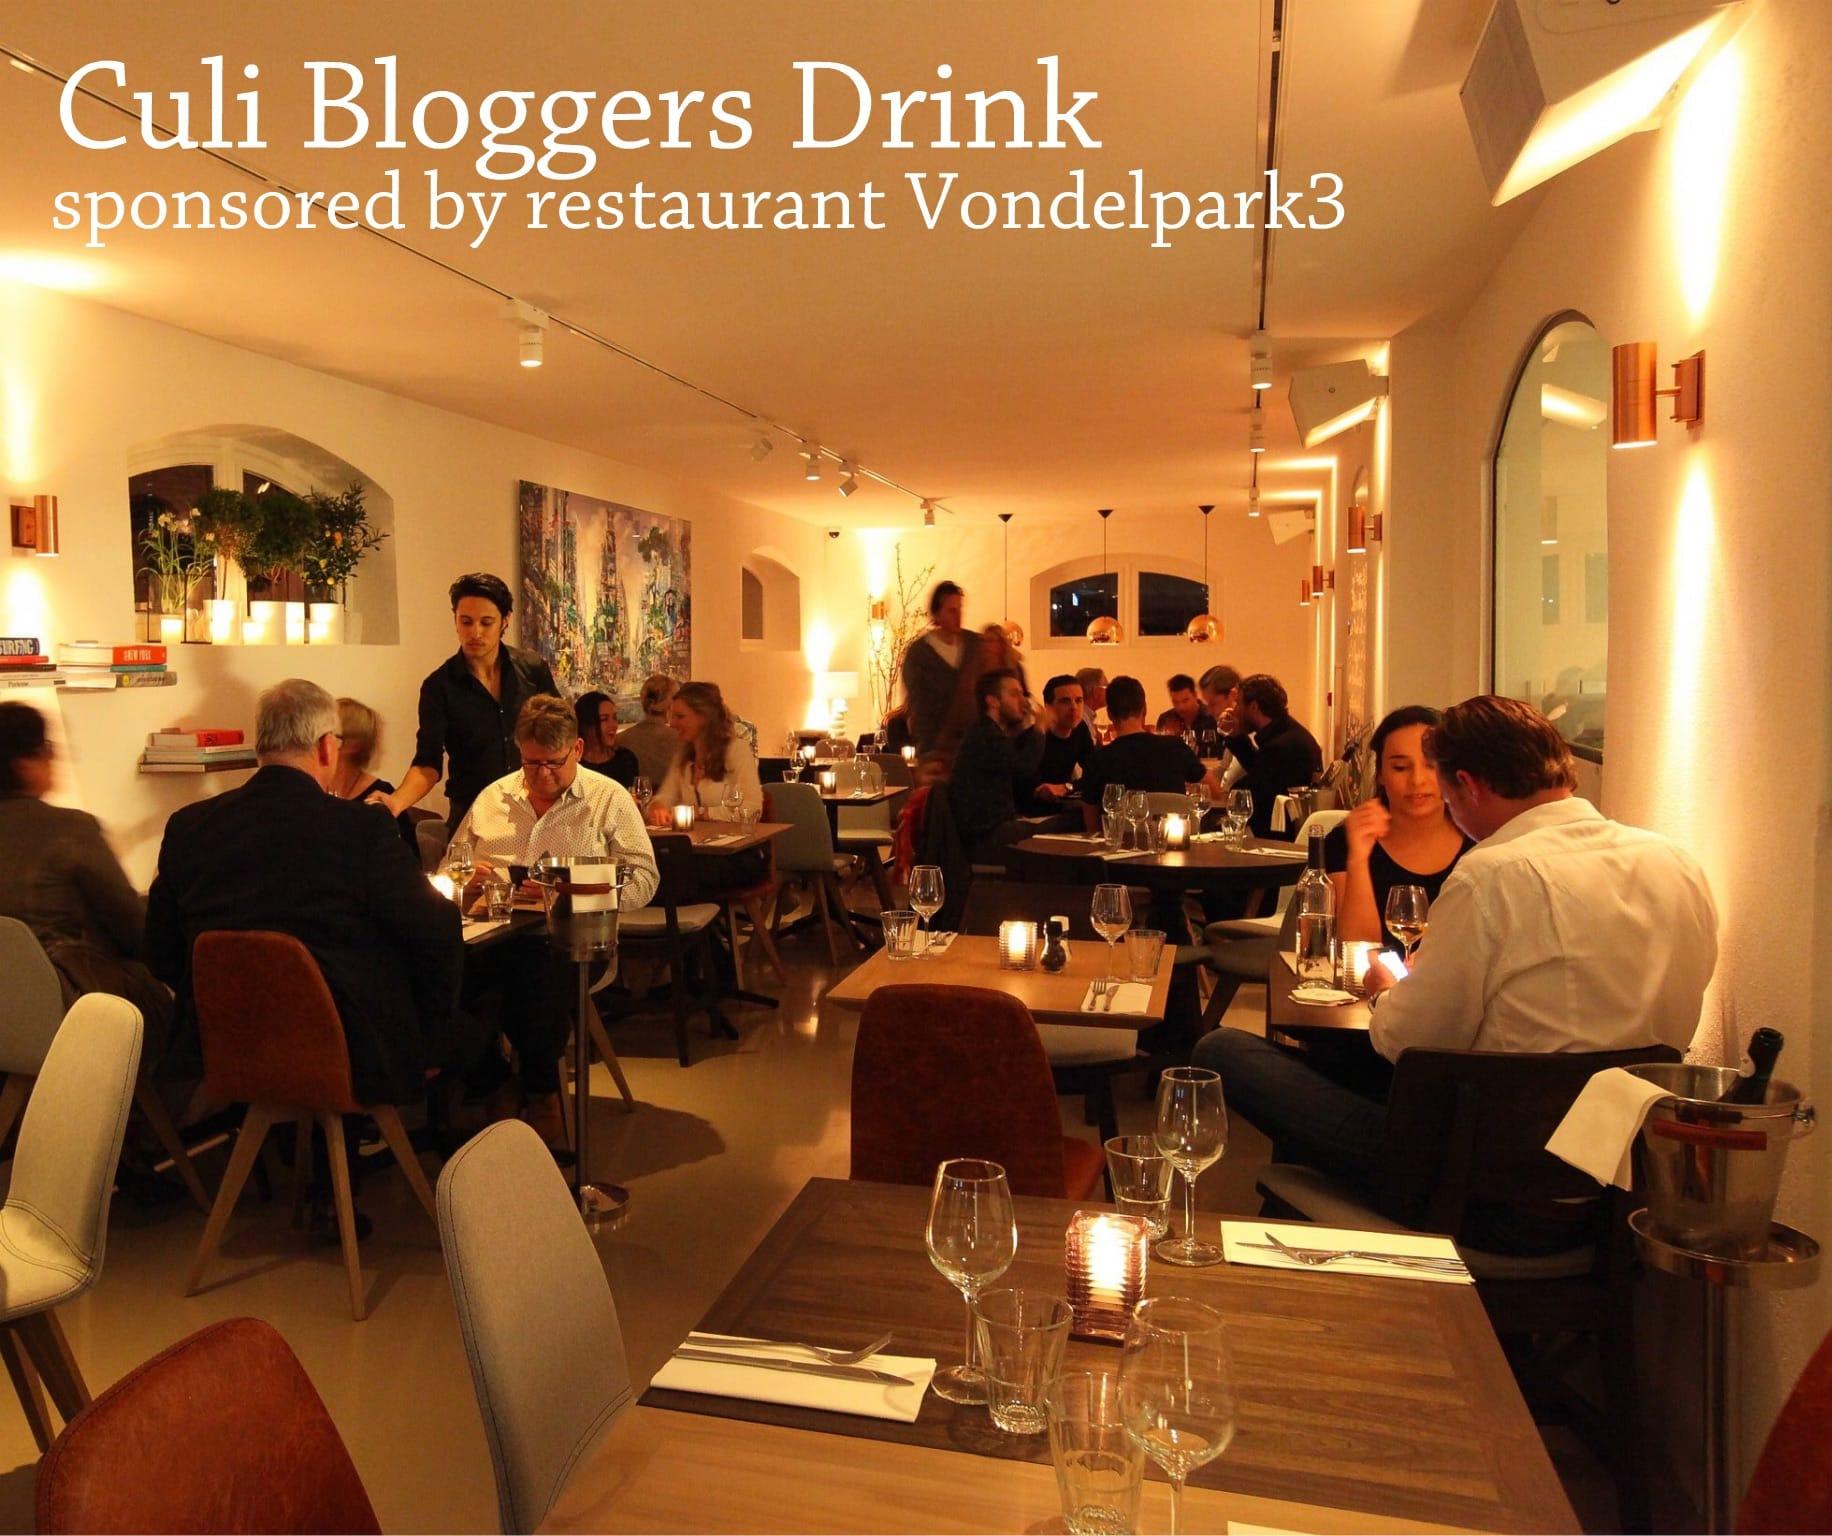 Culi Bloggers Drink at Vondelpark3